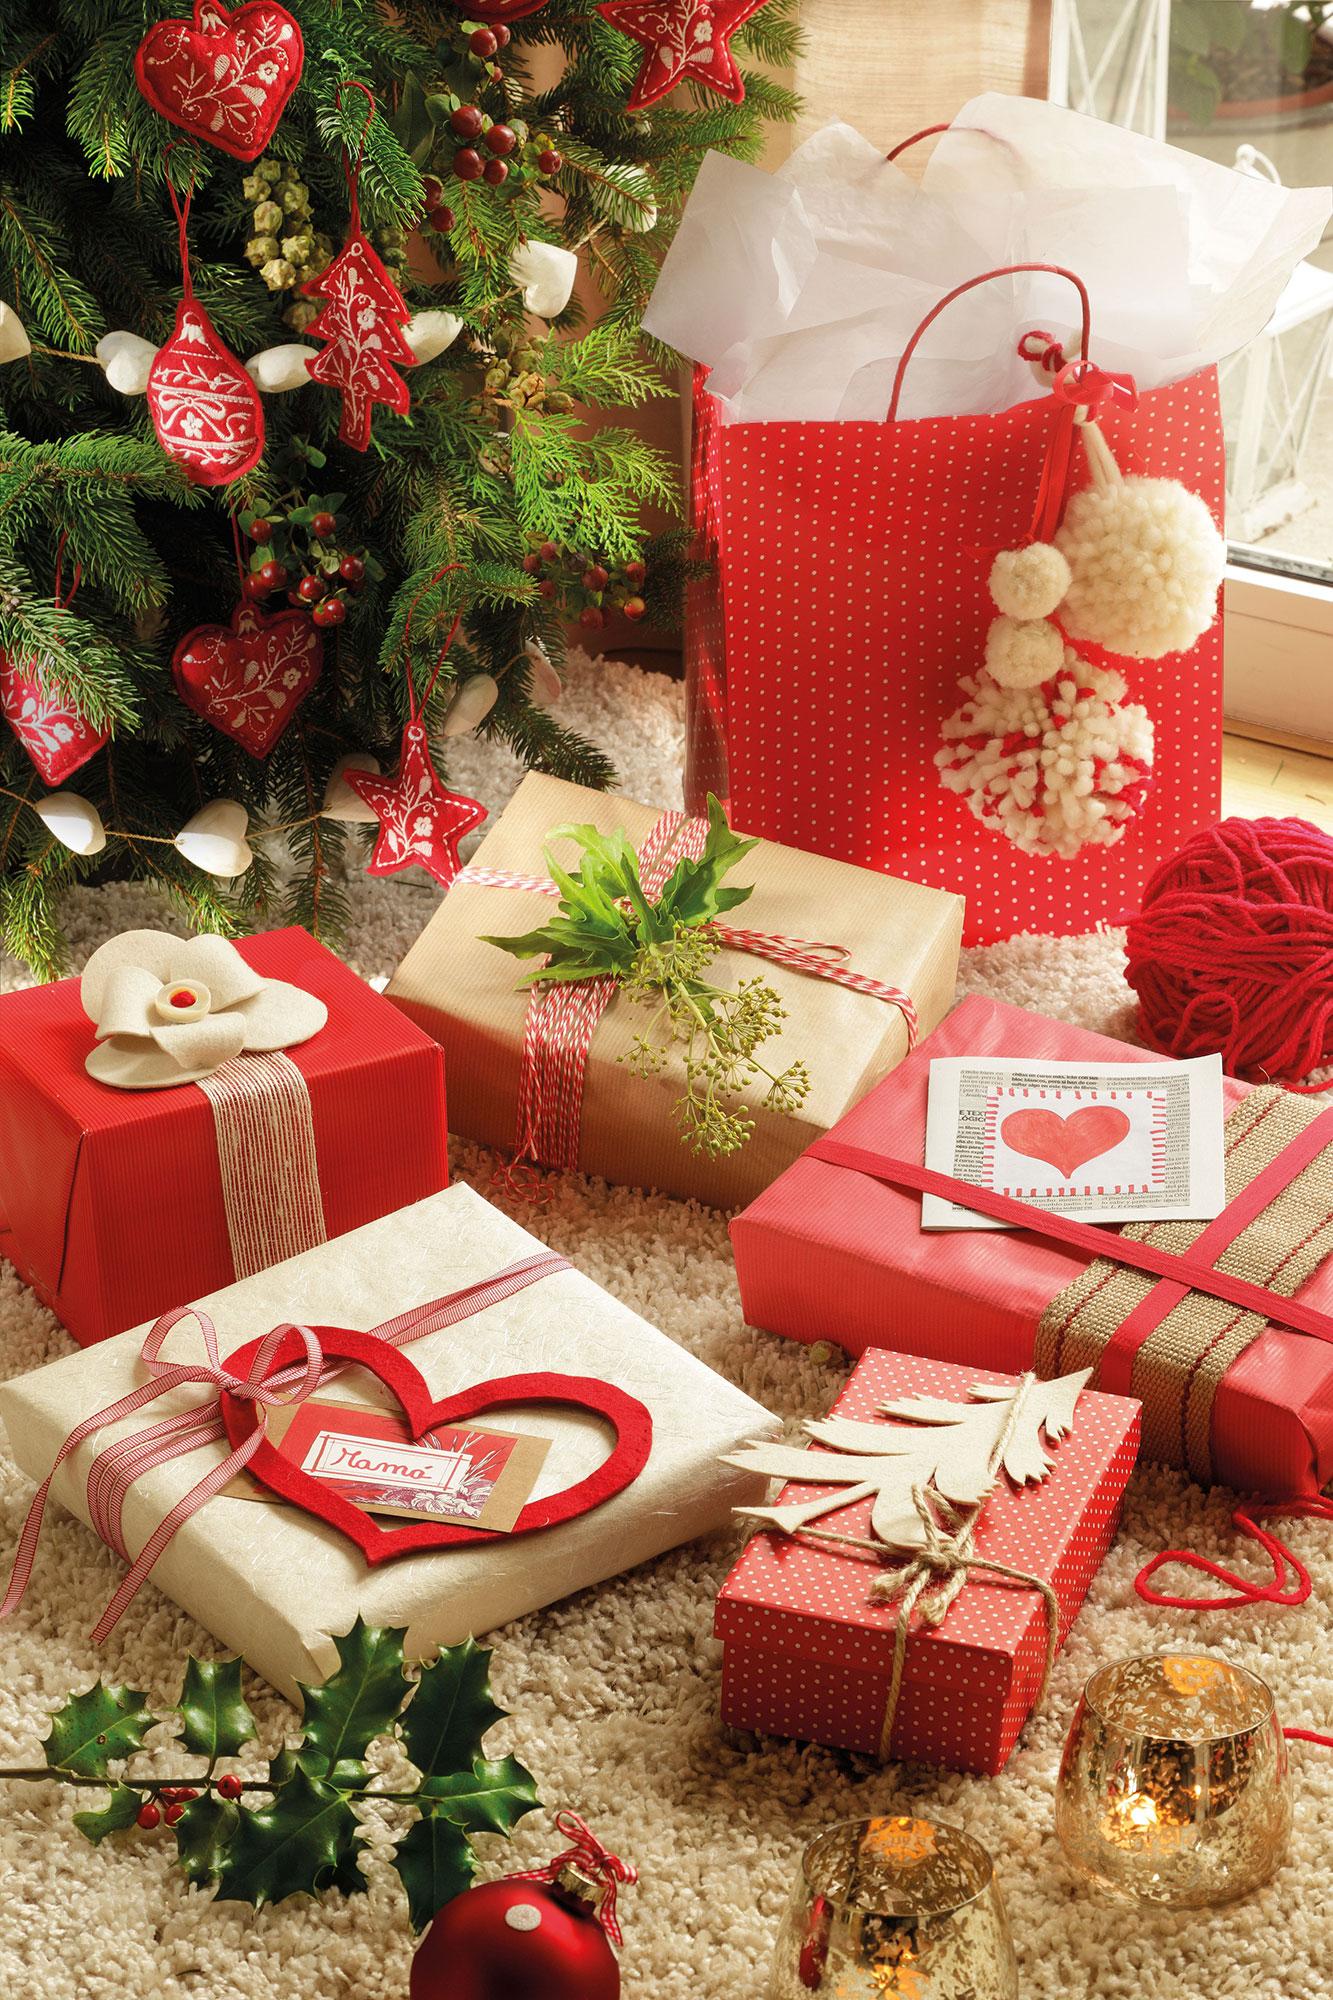 Mas De 15 Ideas Para Envolver Los Regalos Por Navidad - Opciones-de-regalos-para-navidad